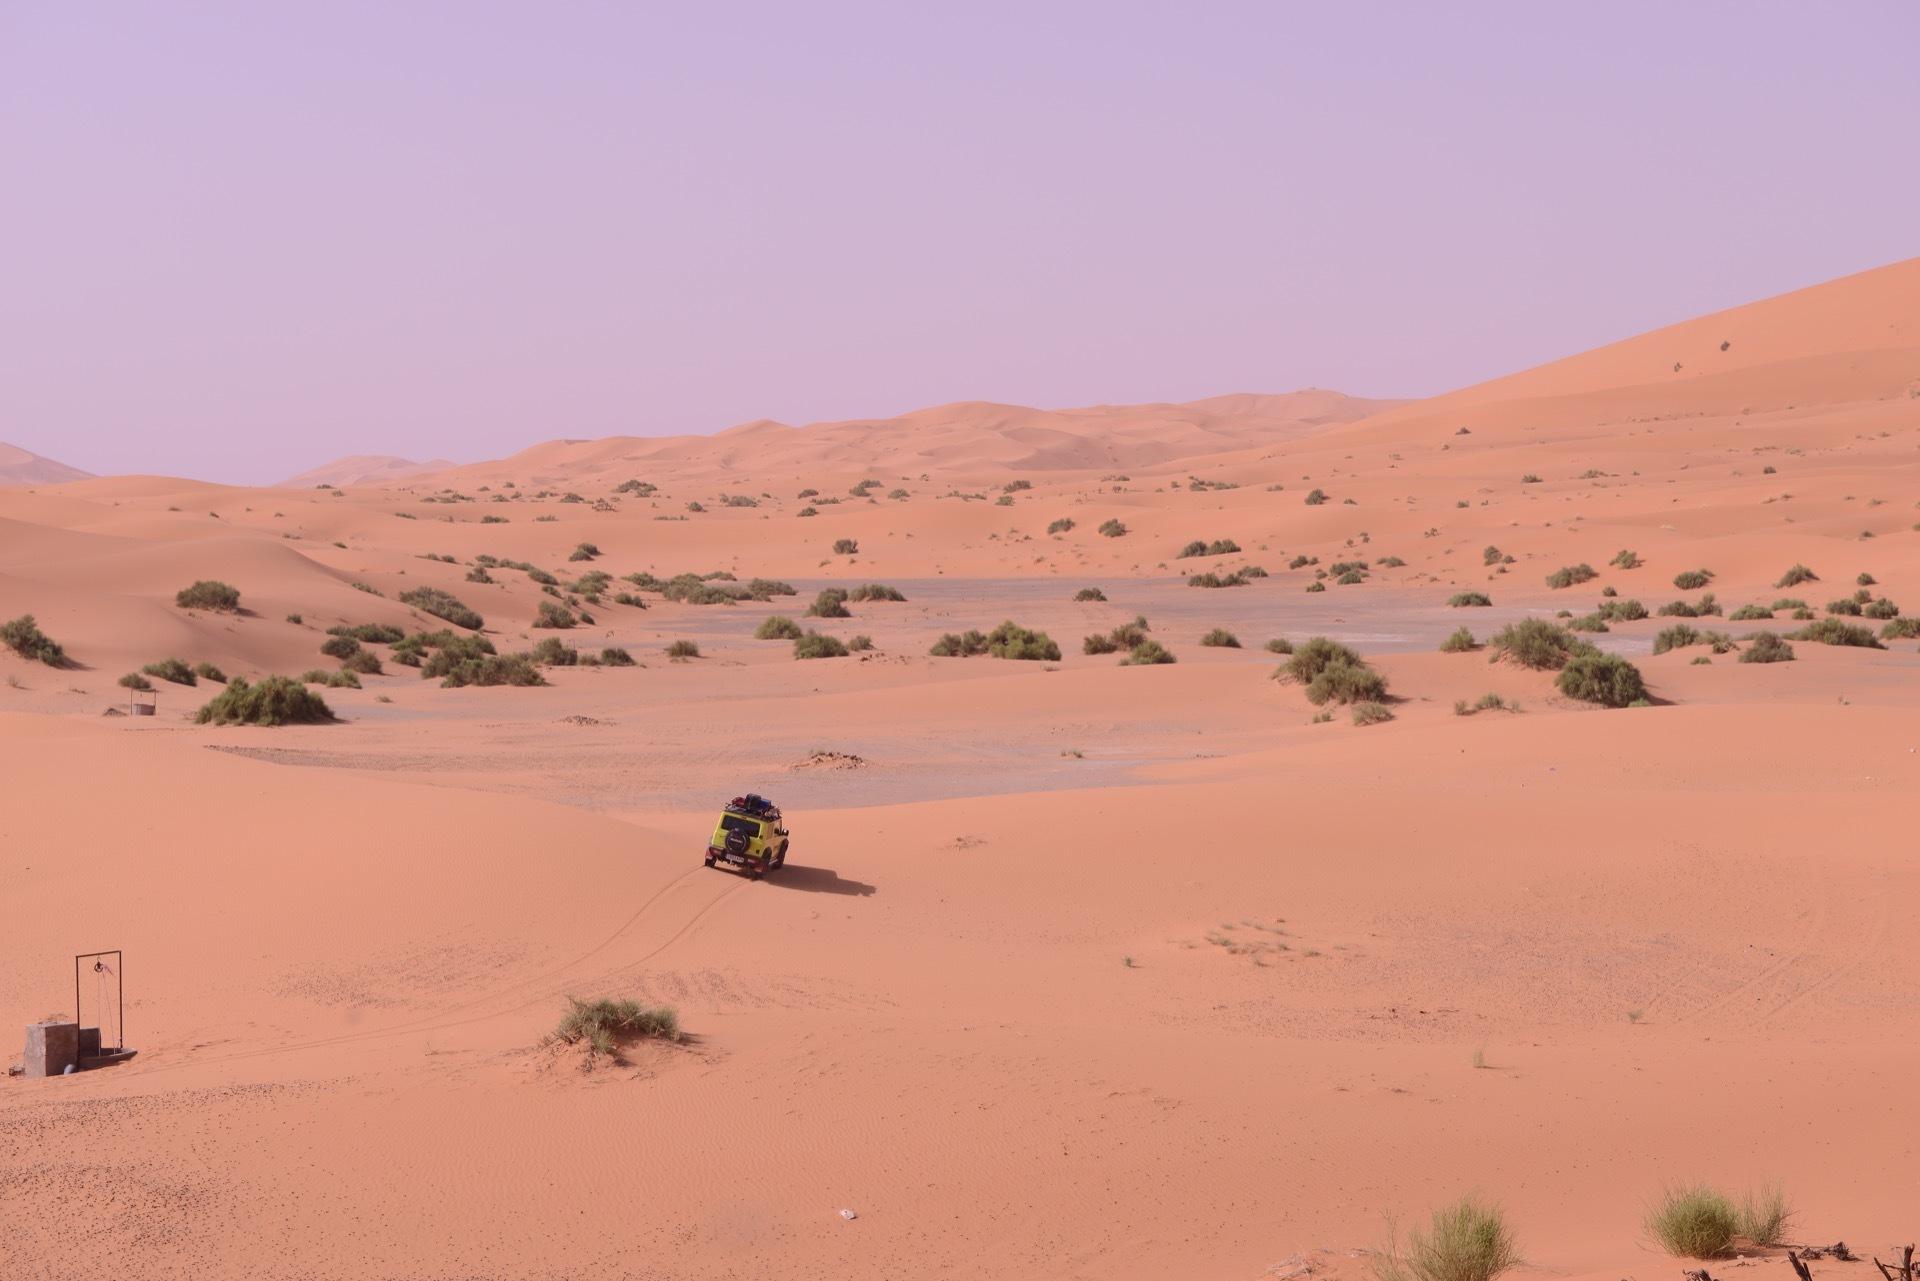 Suzuki Jimny Desert Experience 2019 00196